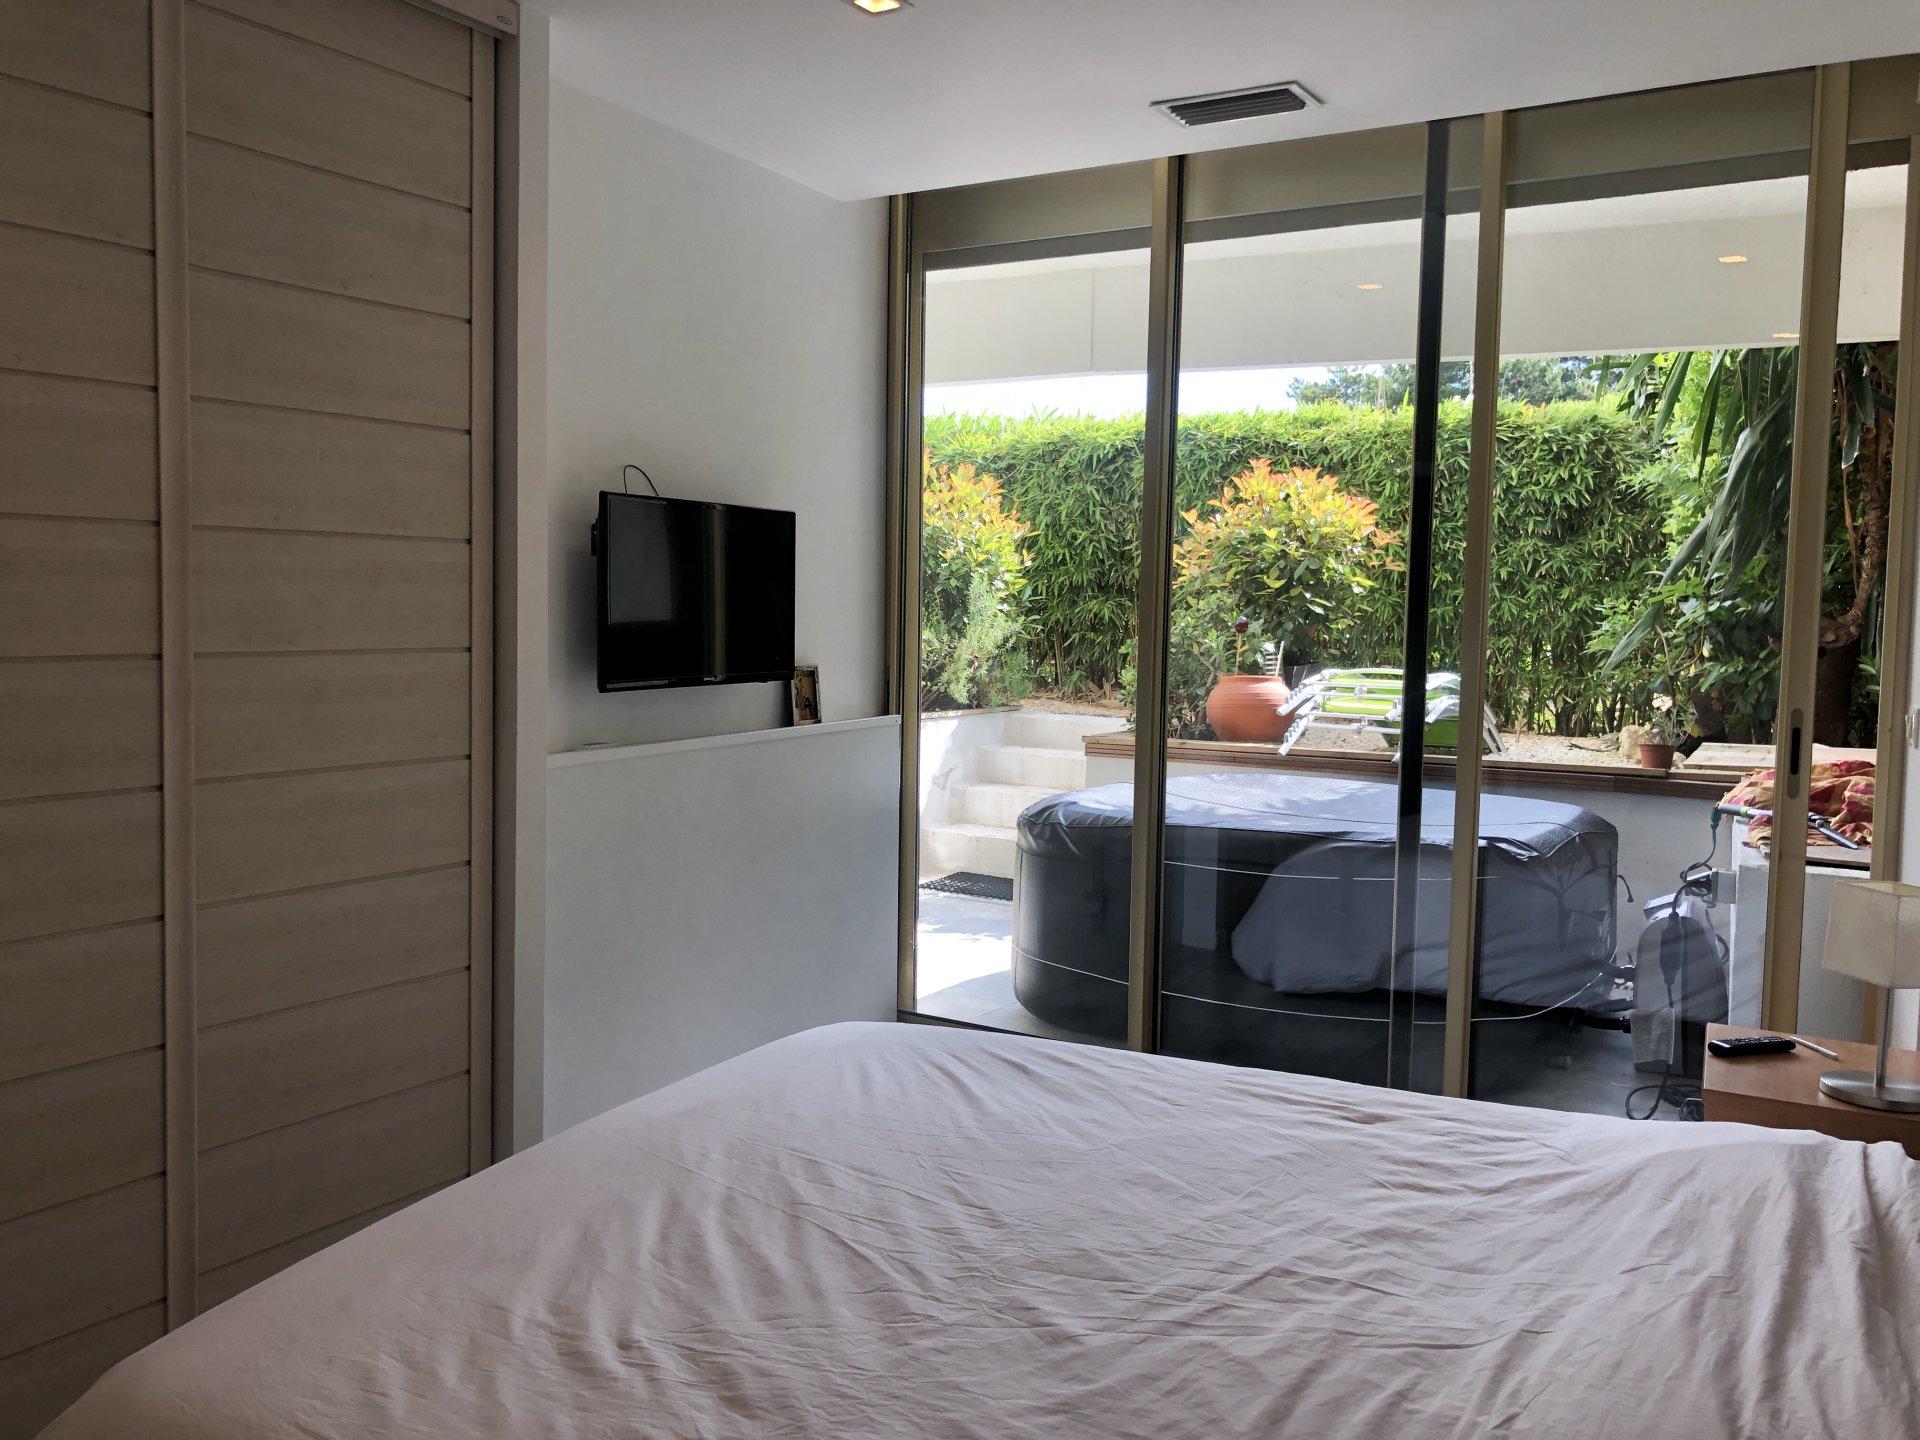 113 m² en location saisonnière